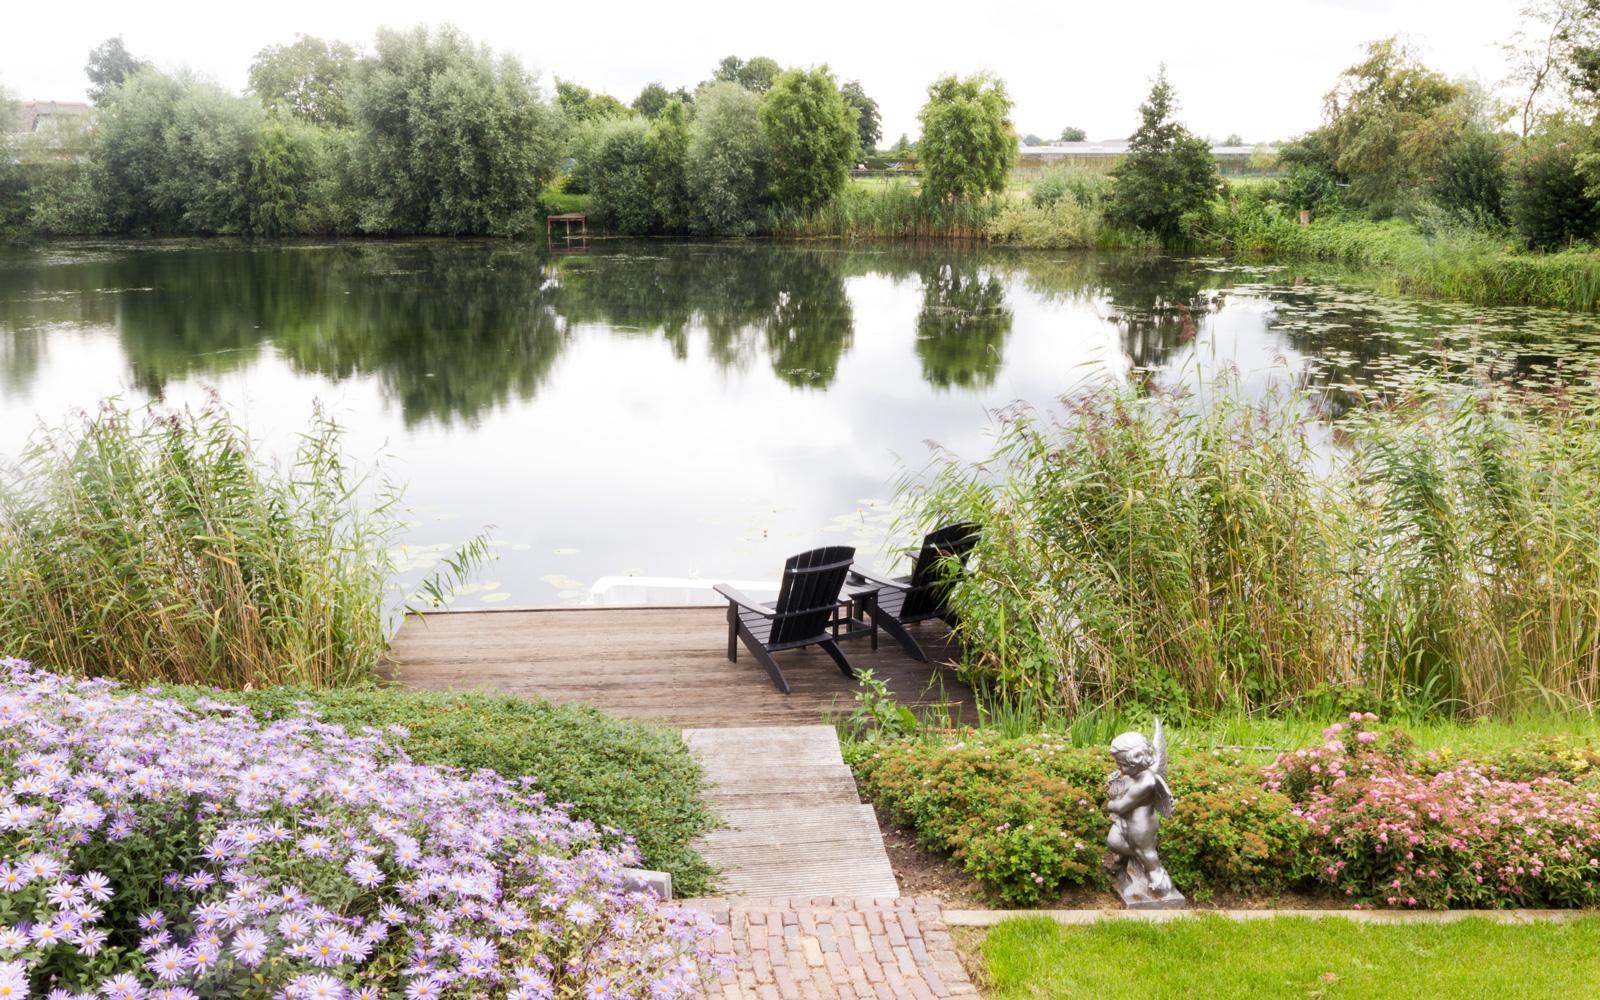 Exclusief wonen, The art of living, Barbara's Garden, Meer, Vlonder, Stoelen, Tuinligging